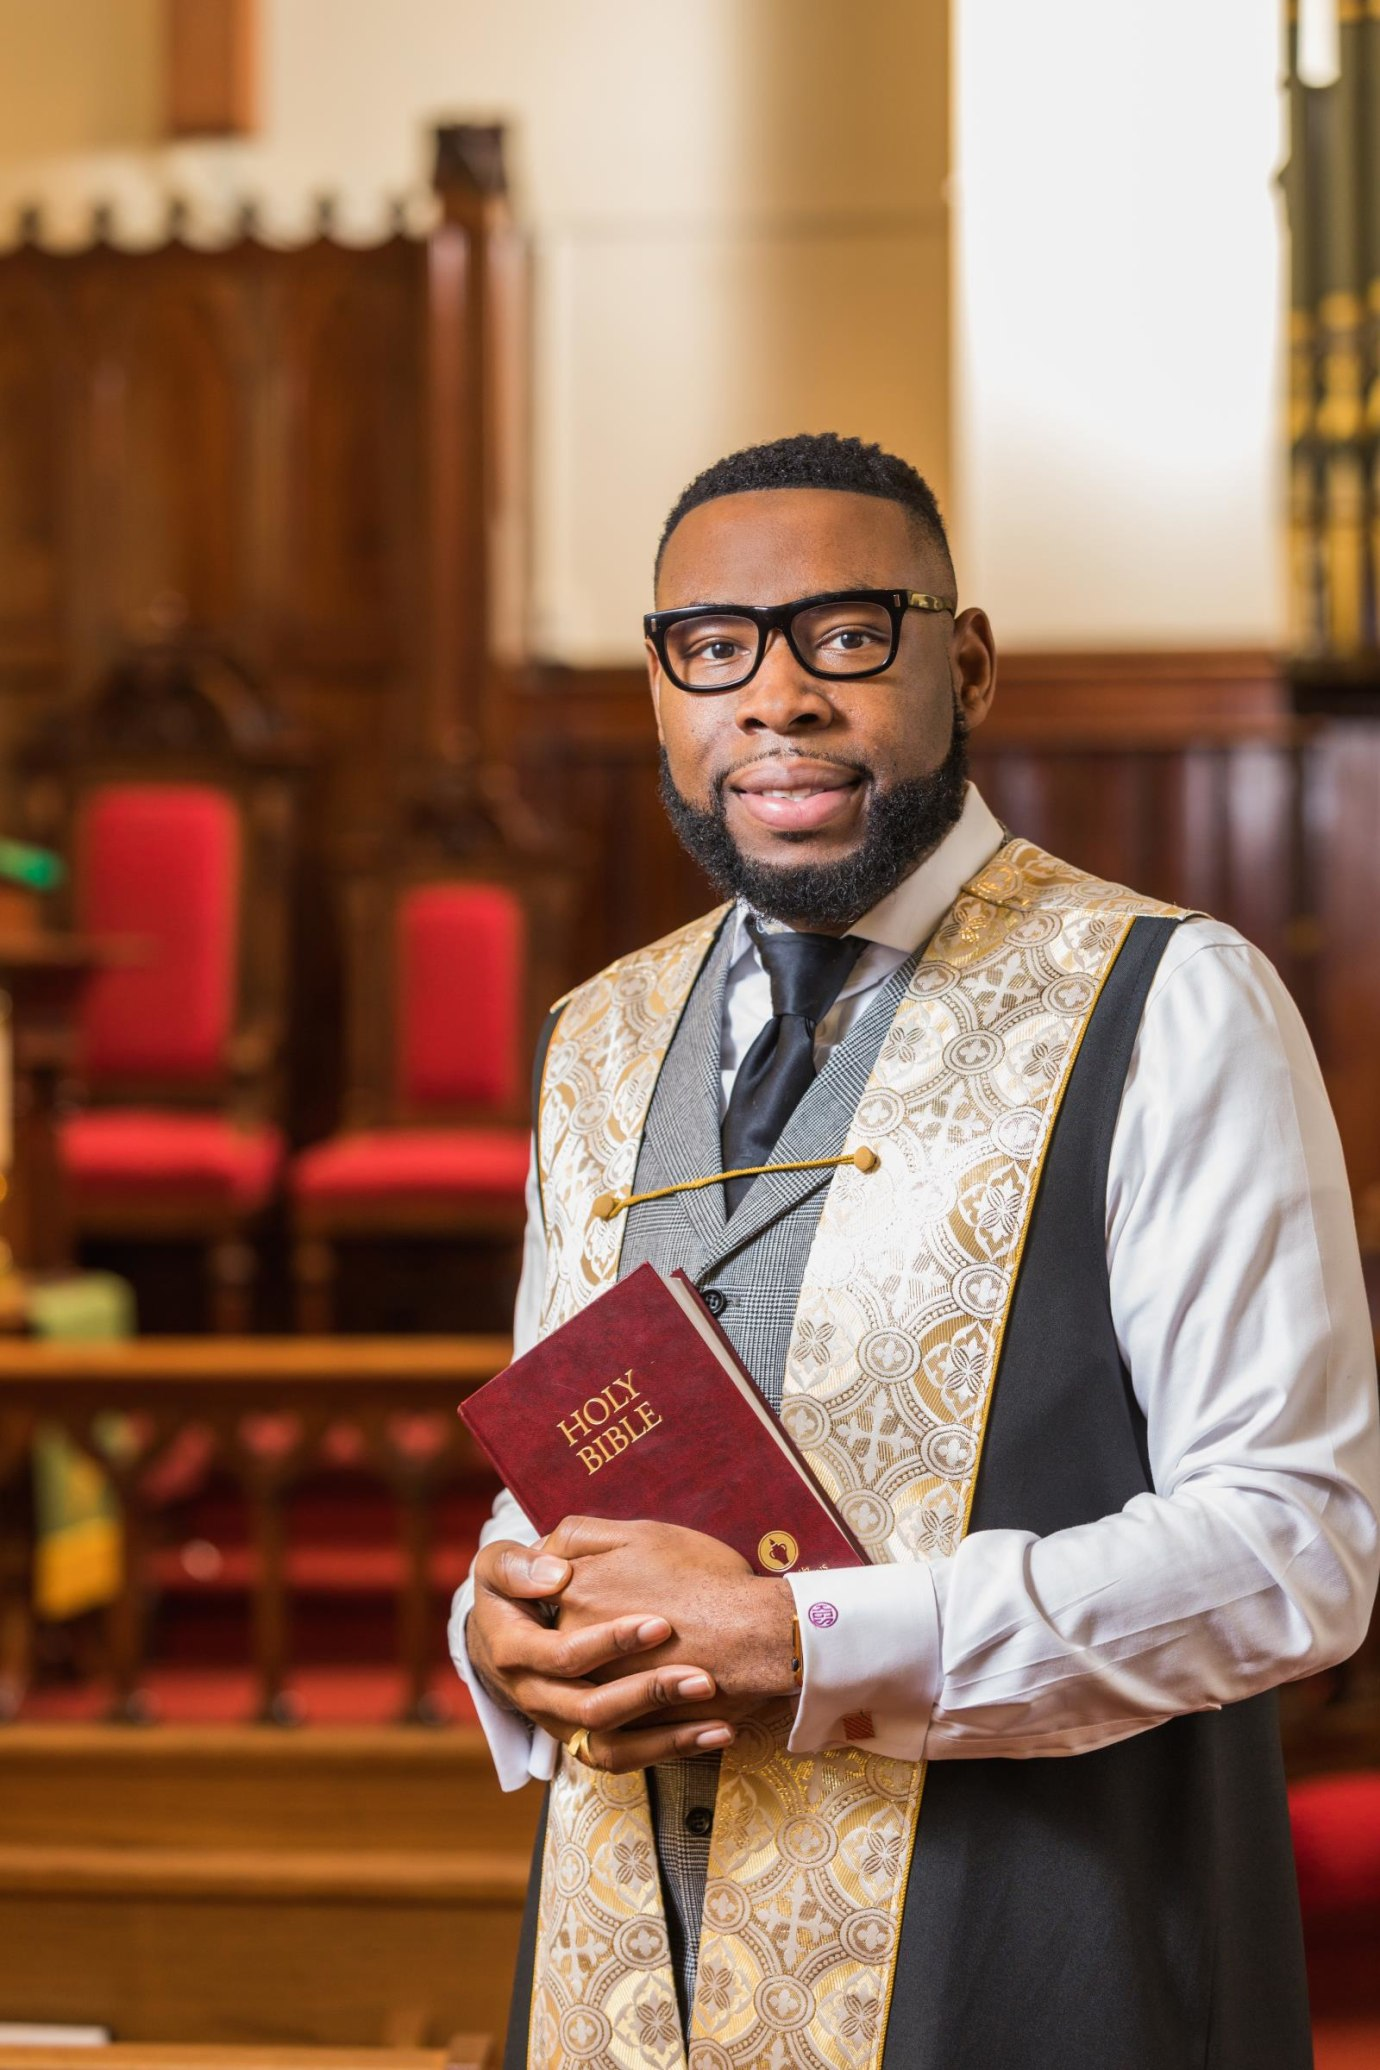 Reverend Kelcy Steele